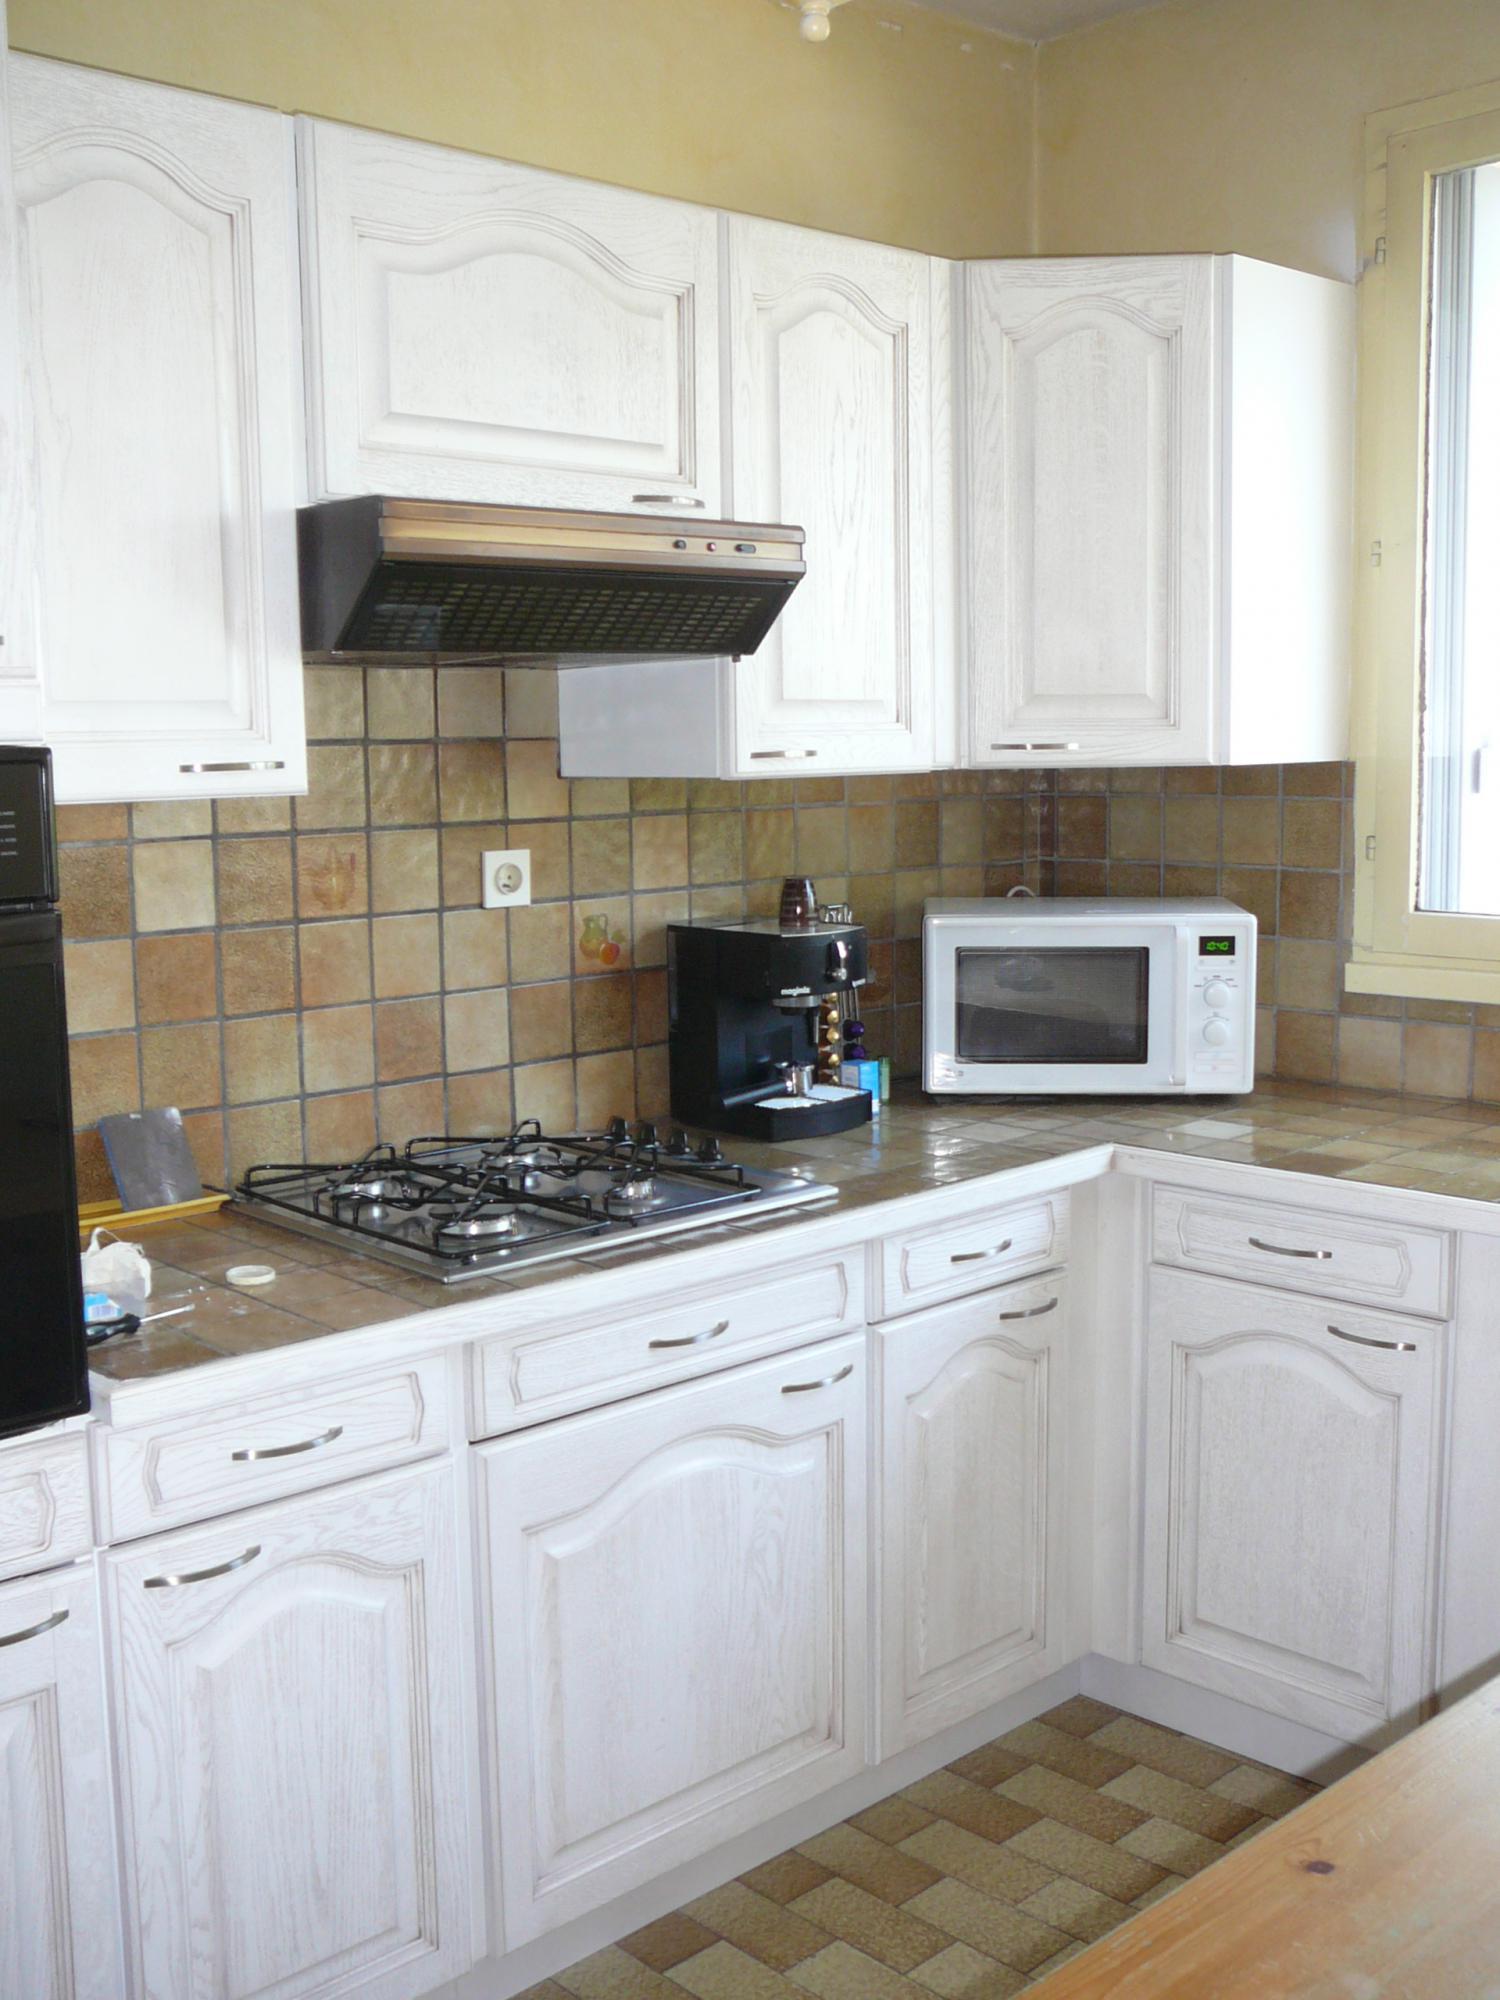 Meuble de cuisine simple maison et mobilier d 39 int rieur - Repeindre des elements de cuisine ...